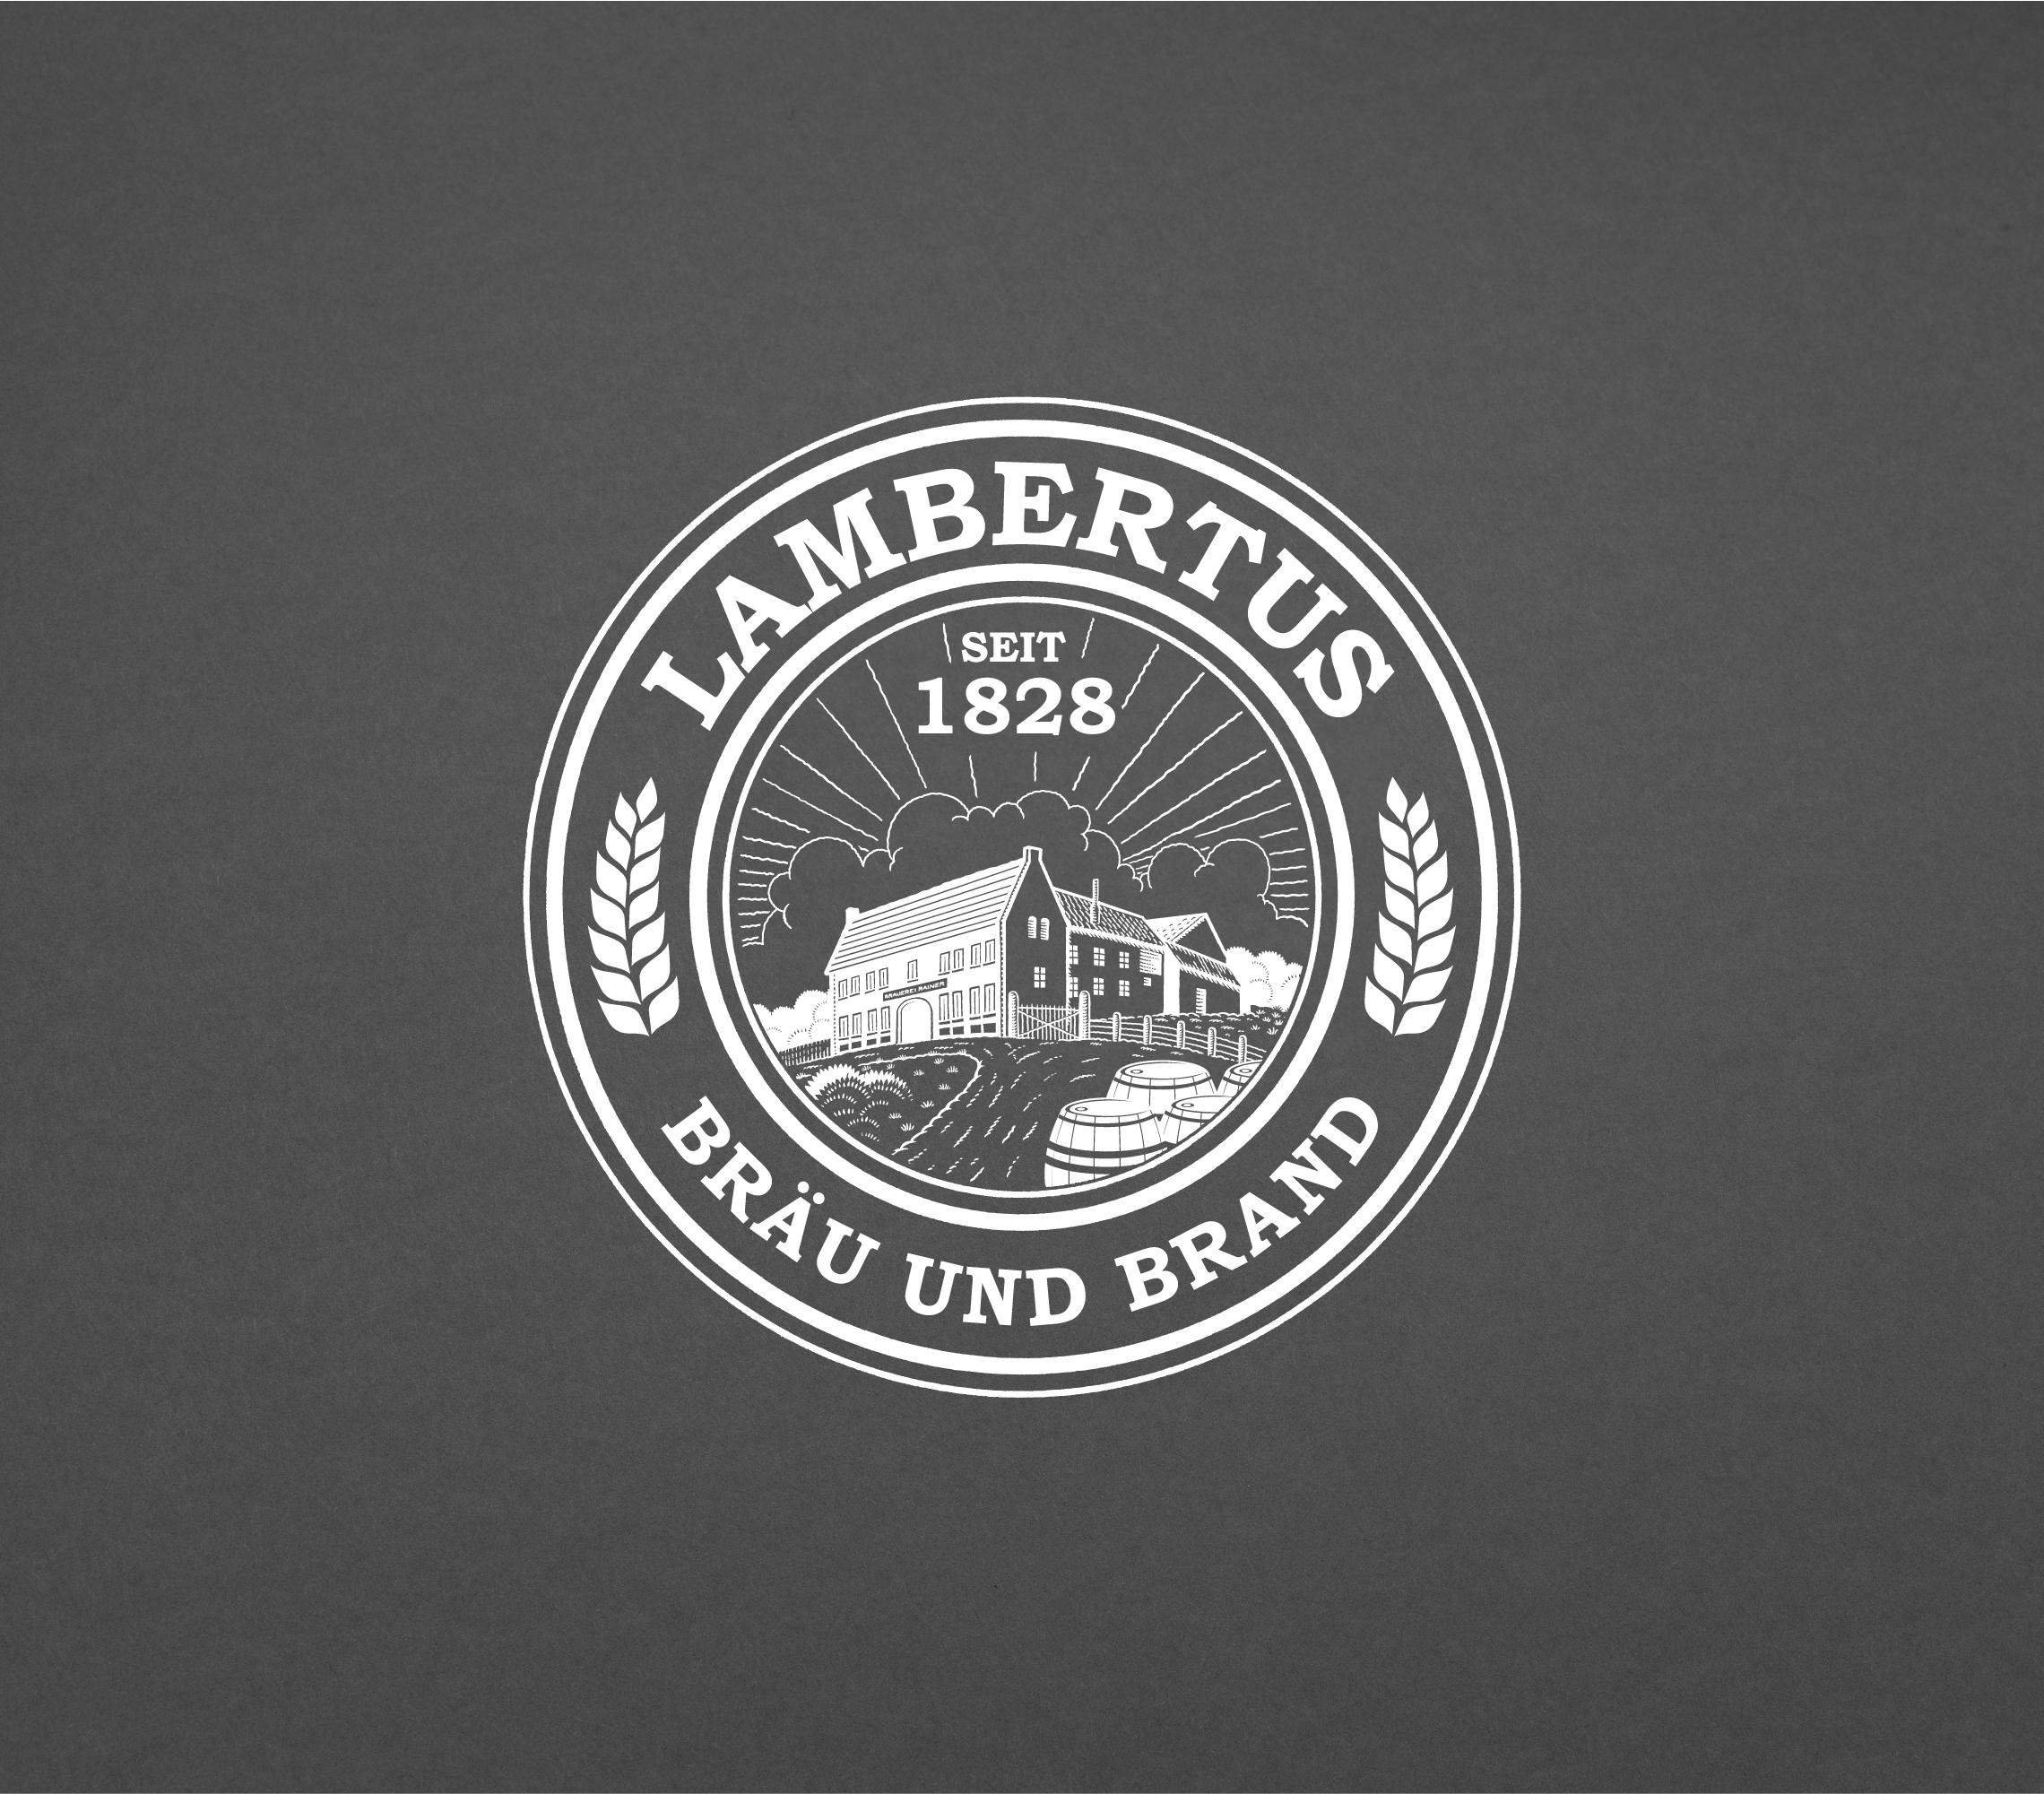 Lambertus Bräu & Brand Logo - weiß auf schwarzem Hintergrund